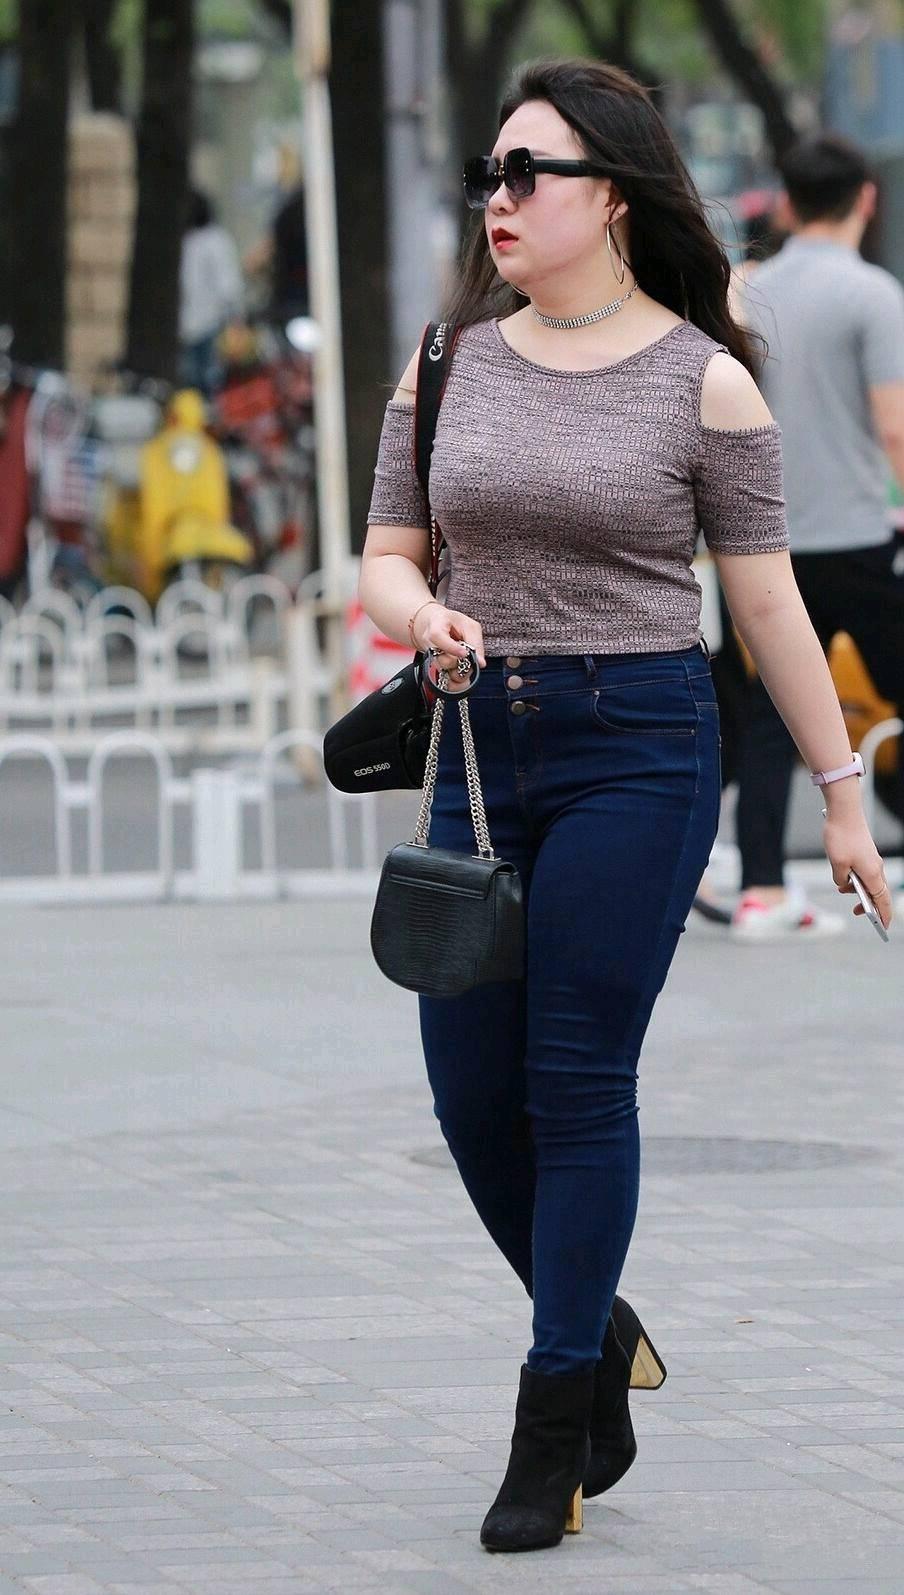 街拍:美女针织衫搭配牛仔裤展现丰满美,网友:在唐朝肯定是贵妃